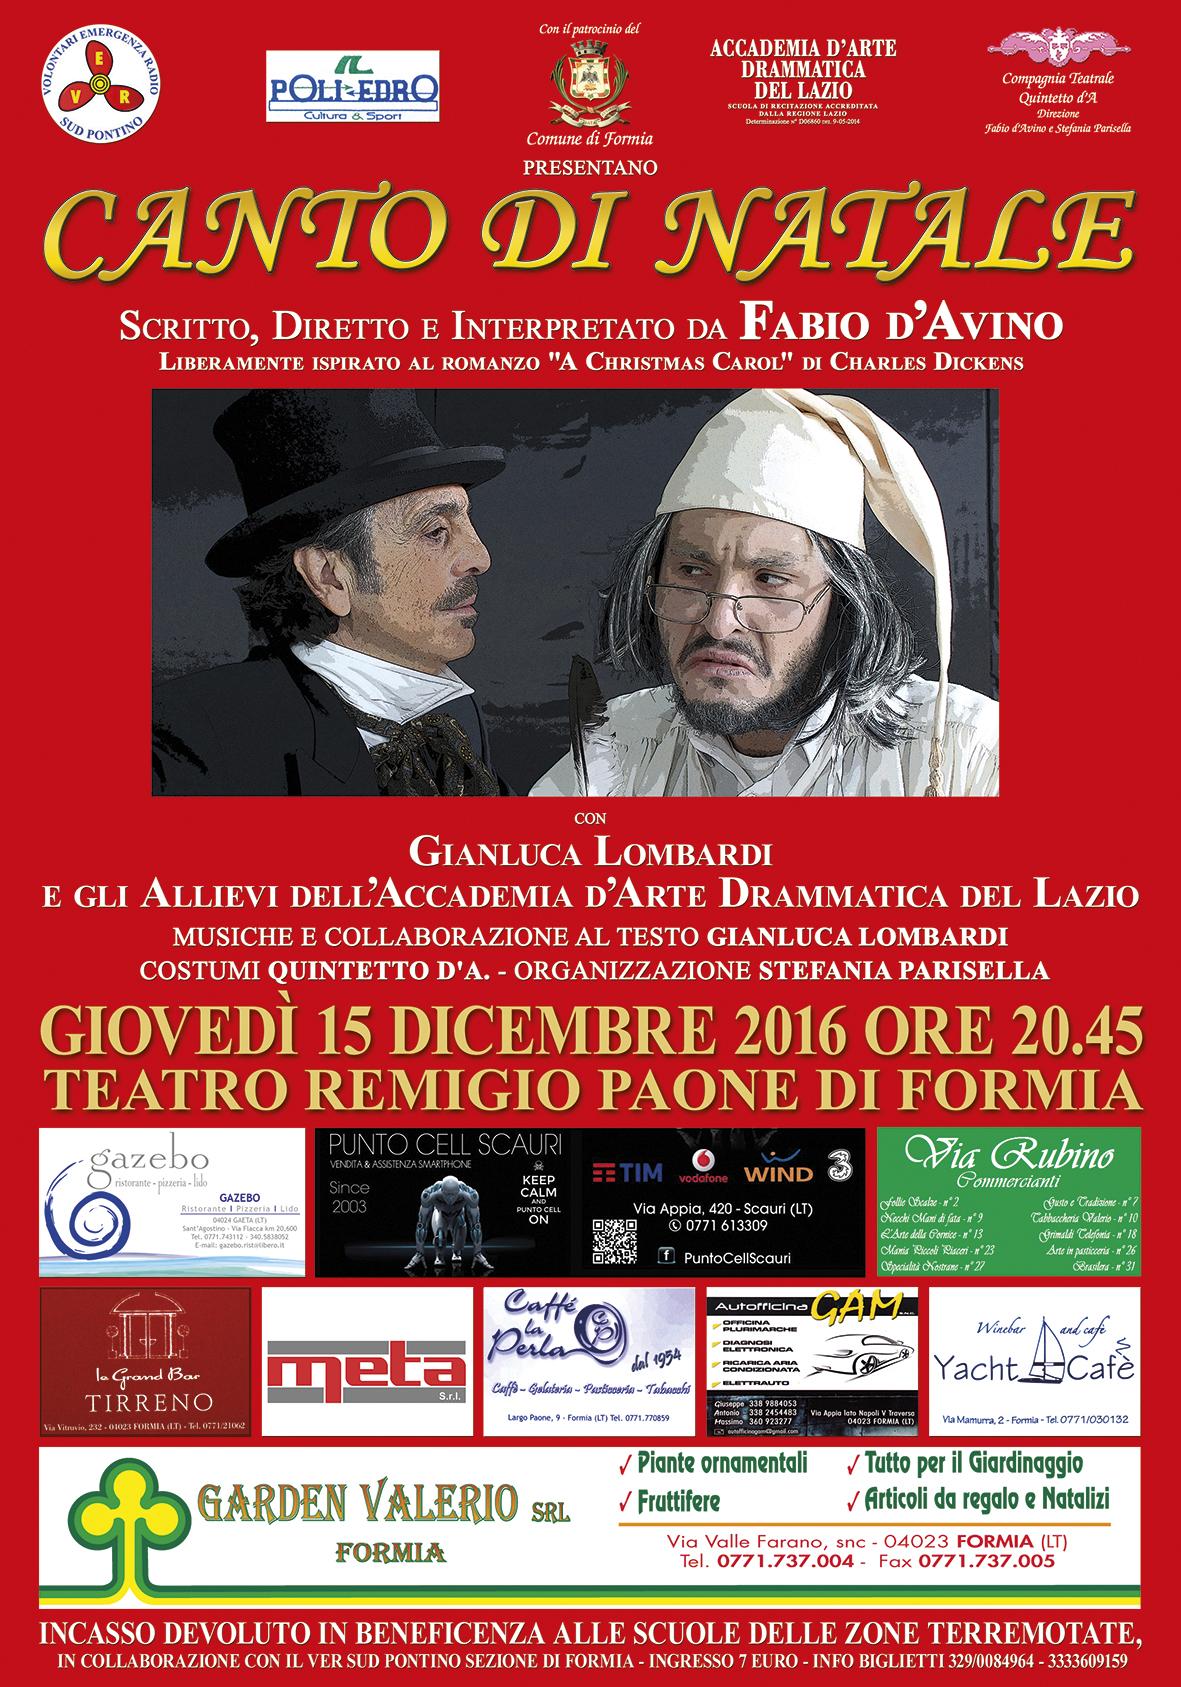 locandina-spett-teatrale-canto-di-natale-teatro-formia-15dic2016